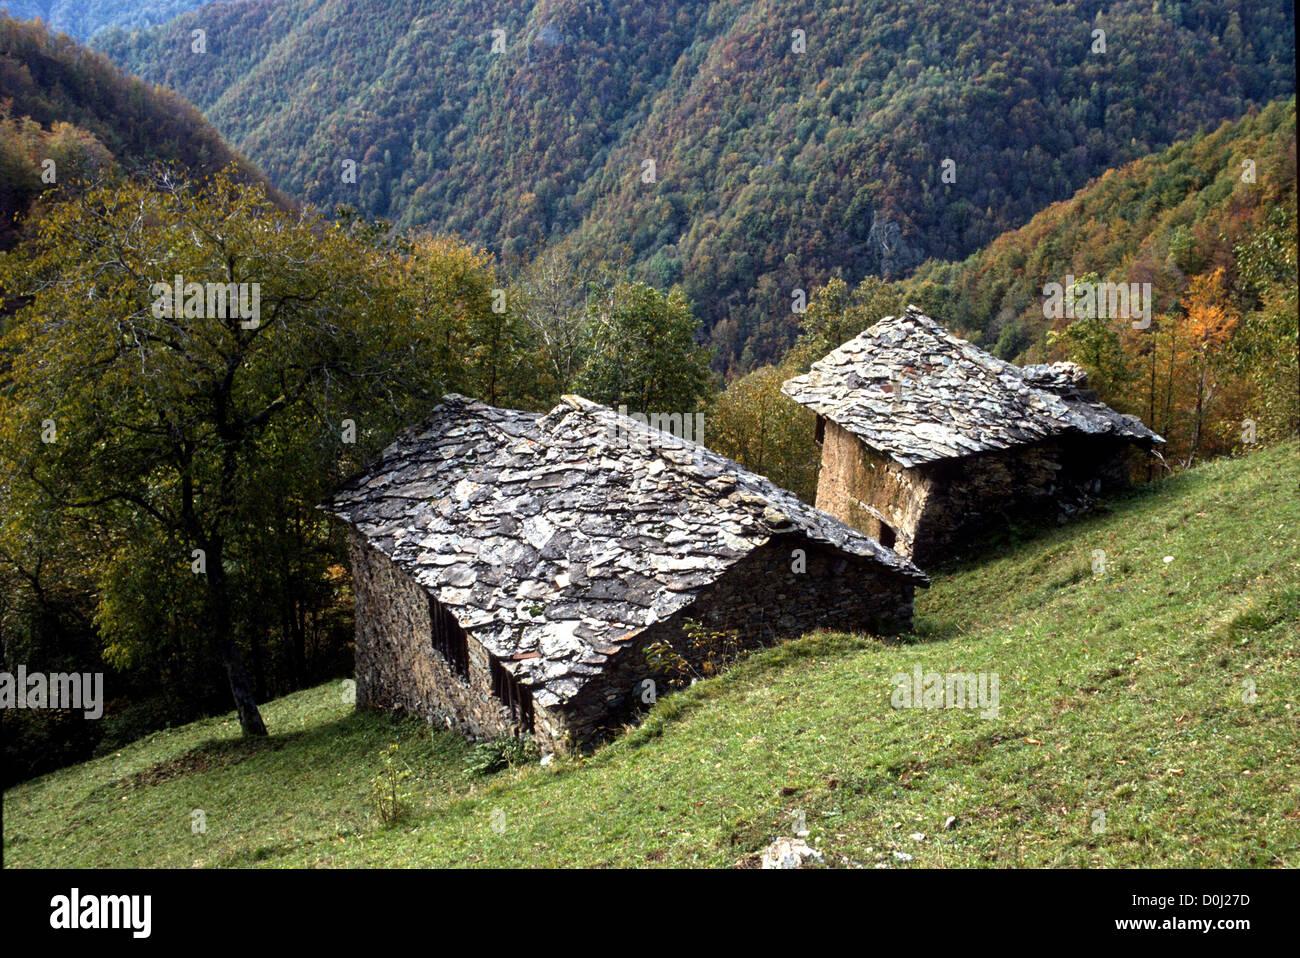 CHARAKTERISTISCHEN STEIN BERG HOMESTEAD - PIEMONT - ITALIEN Stockbild